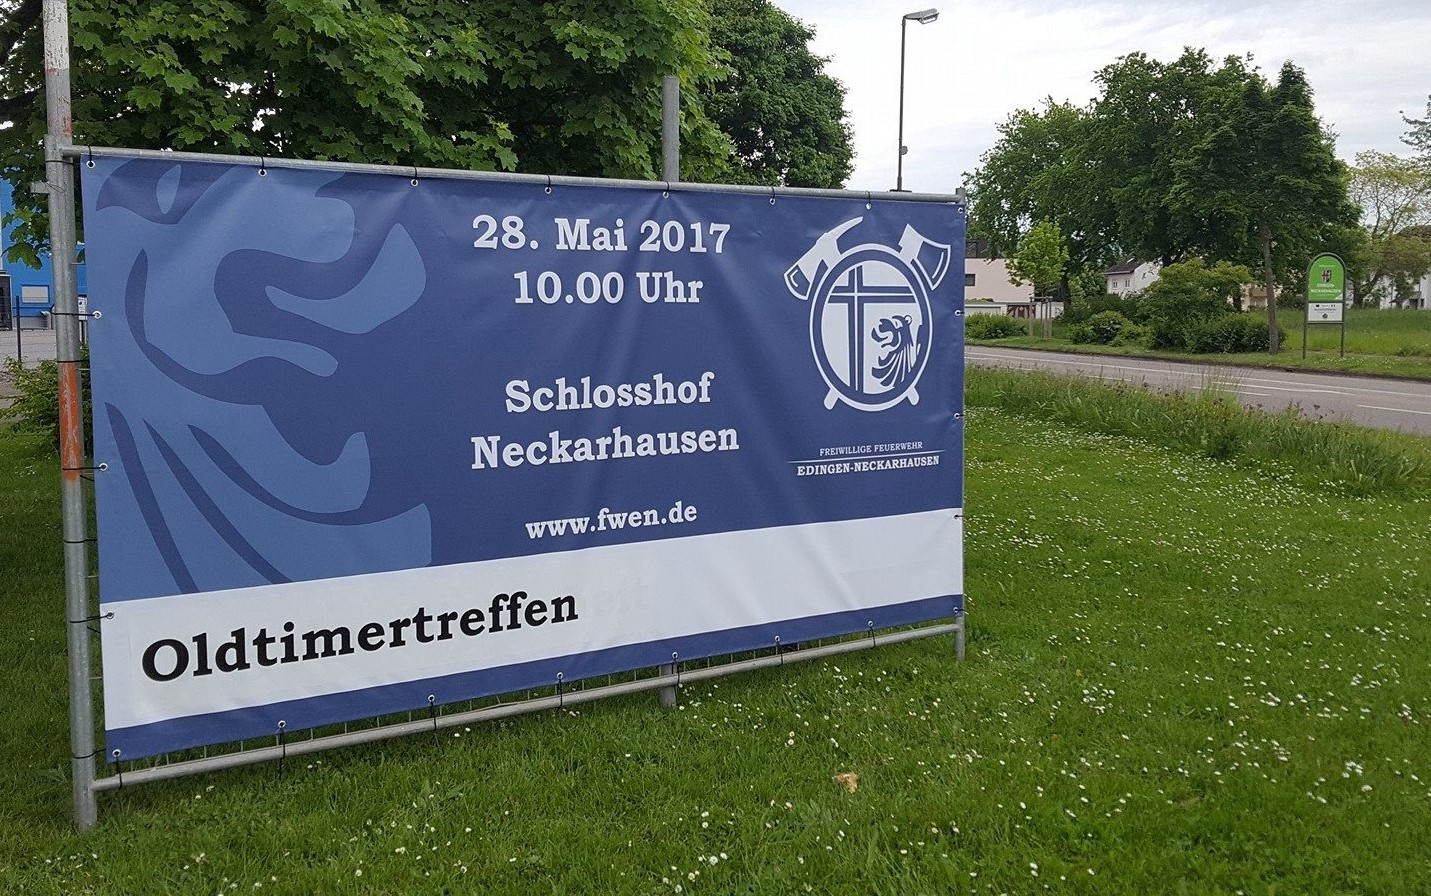 B - Feuerwehr - Werbebanner - Bild FWEN